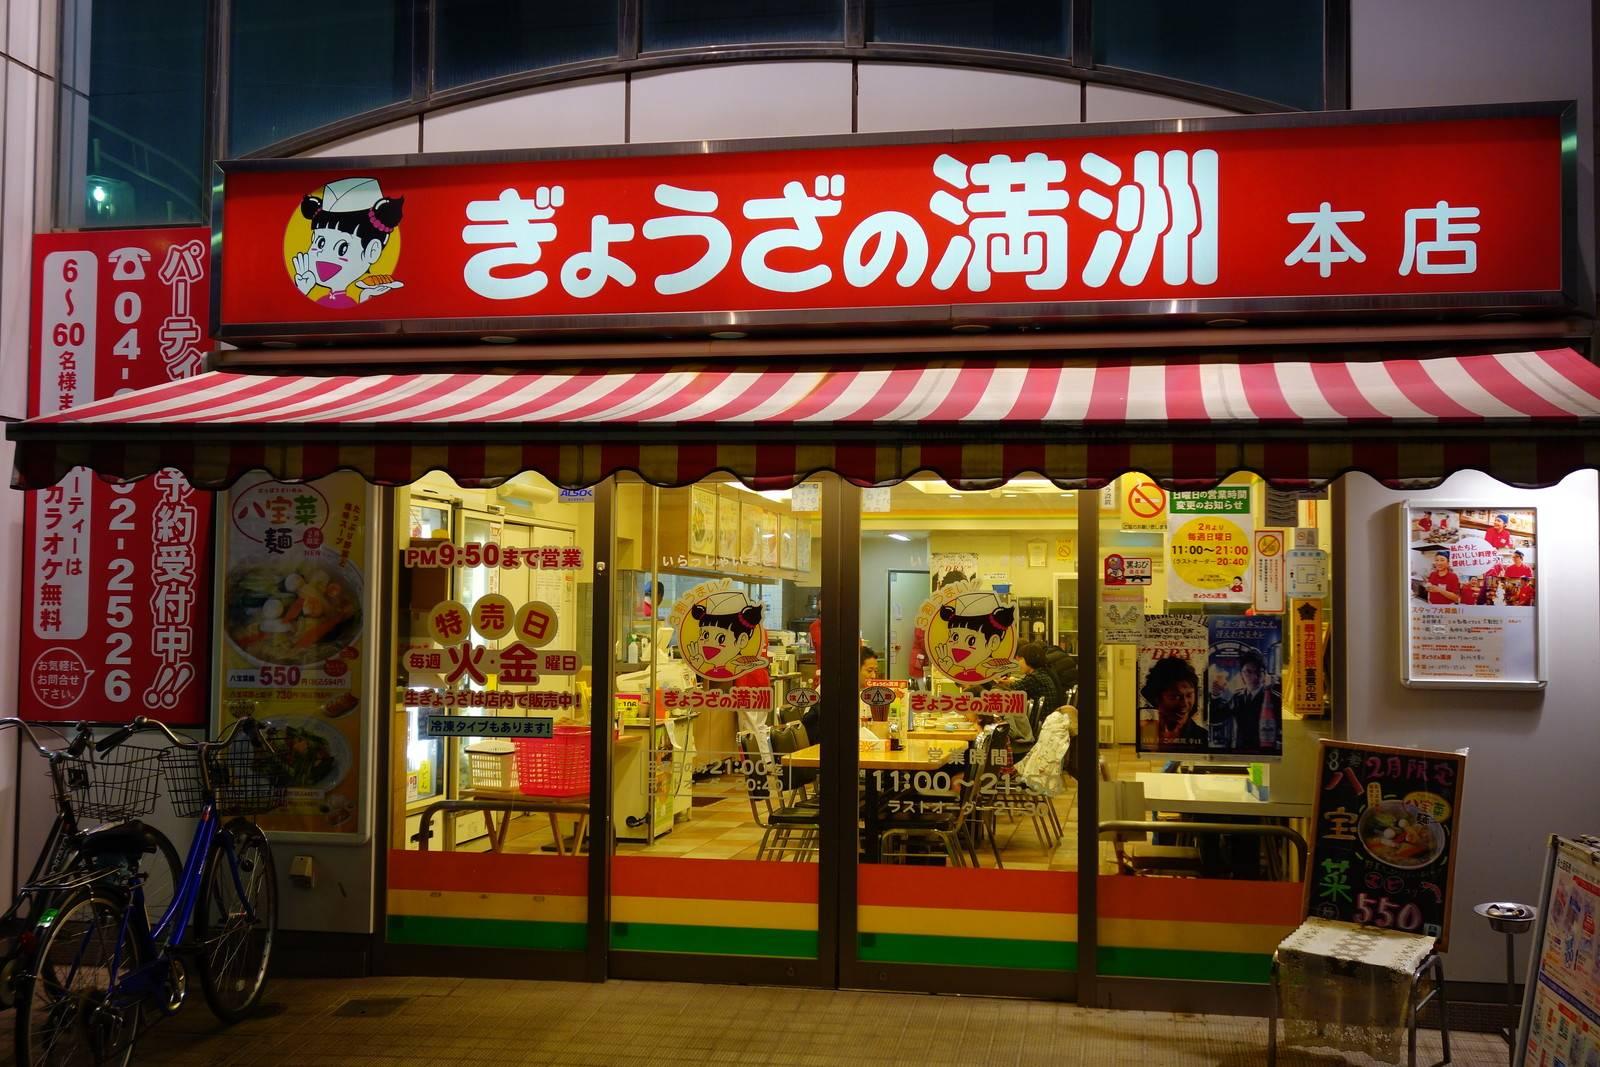 ぎょうざの満洲 新所沢東口本店|本店の旅 - 飲食チェーン店本店と発祥 ...